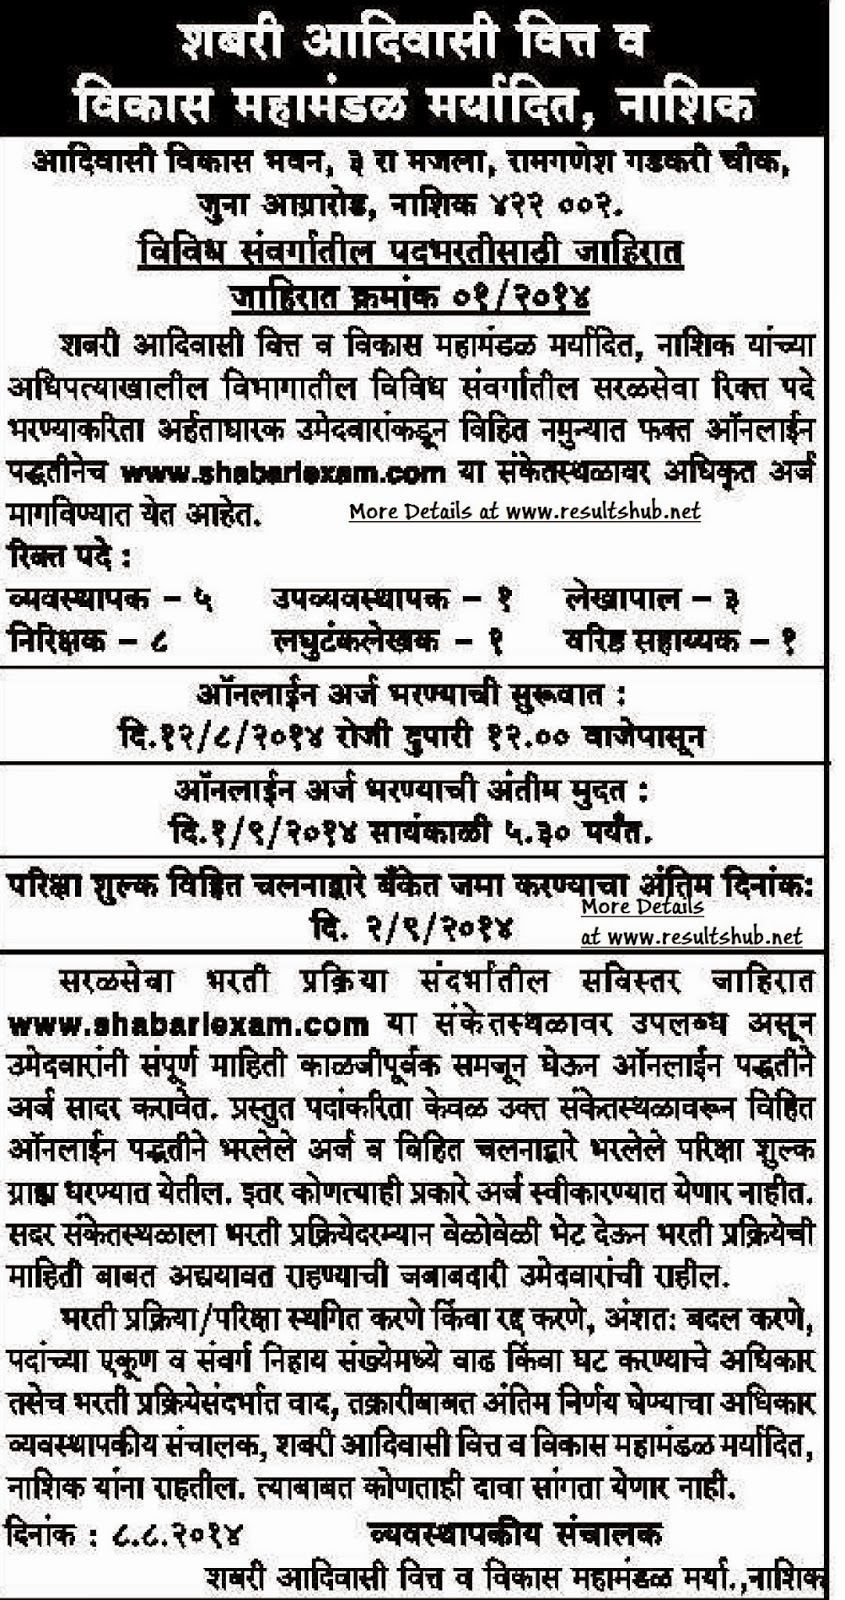 Shabri Adivasi Bharti 2014 Details in Marathi